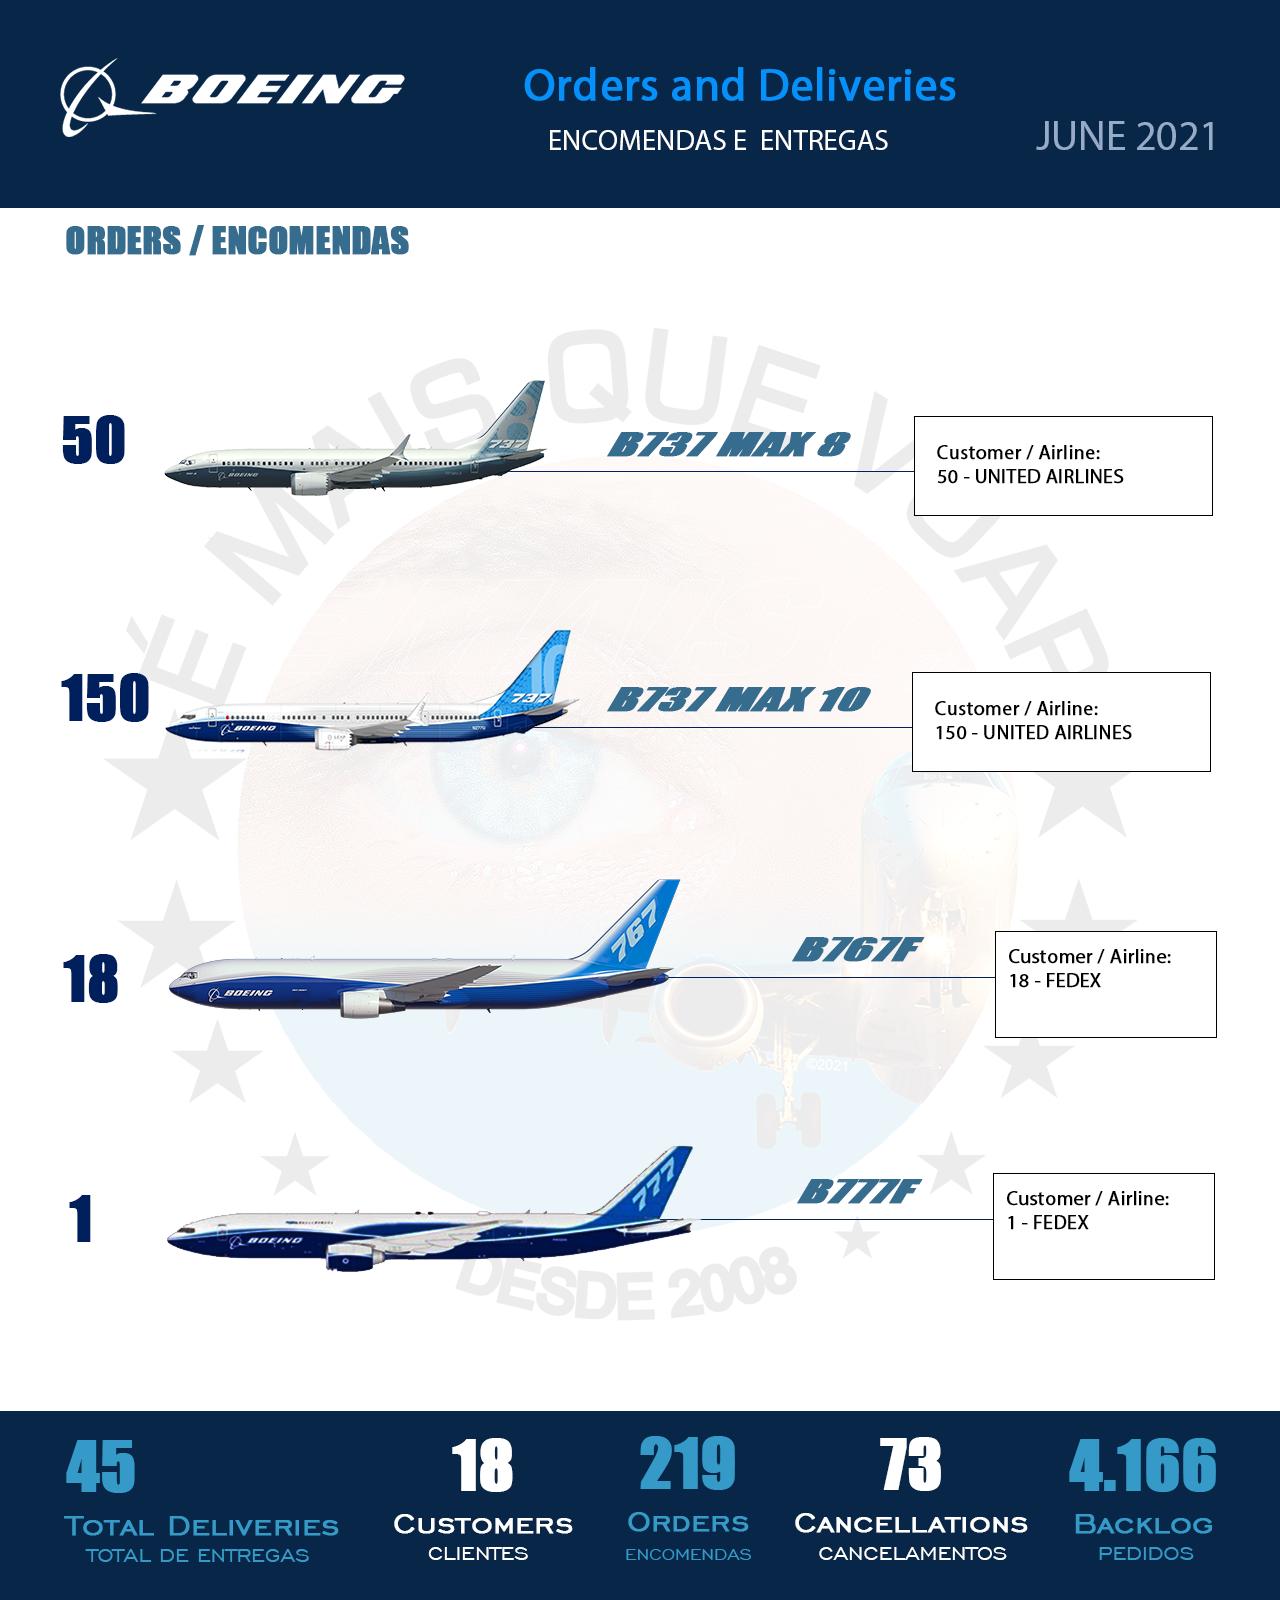 INFOGRÁFICO • Encomendas e Entregas Aeronaves Comerciais da Boeing Airplanes – Junho 2021 | É MAIS QUE VOAR